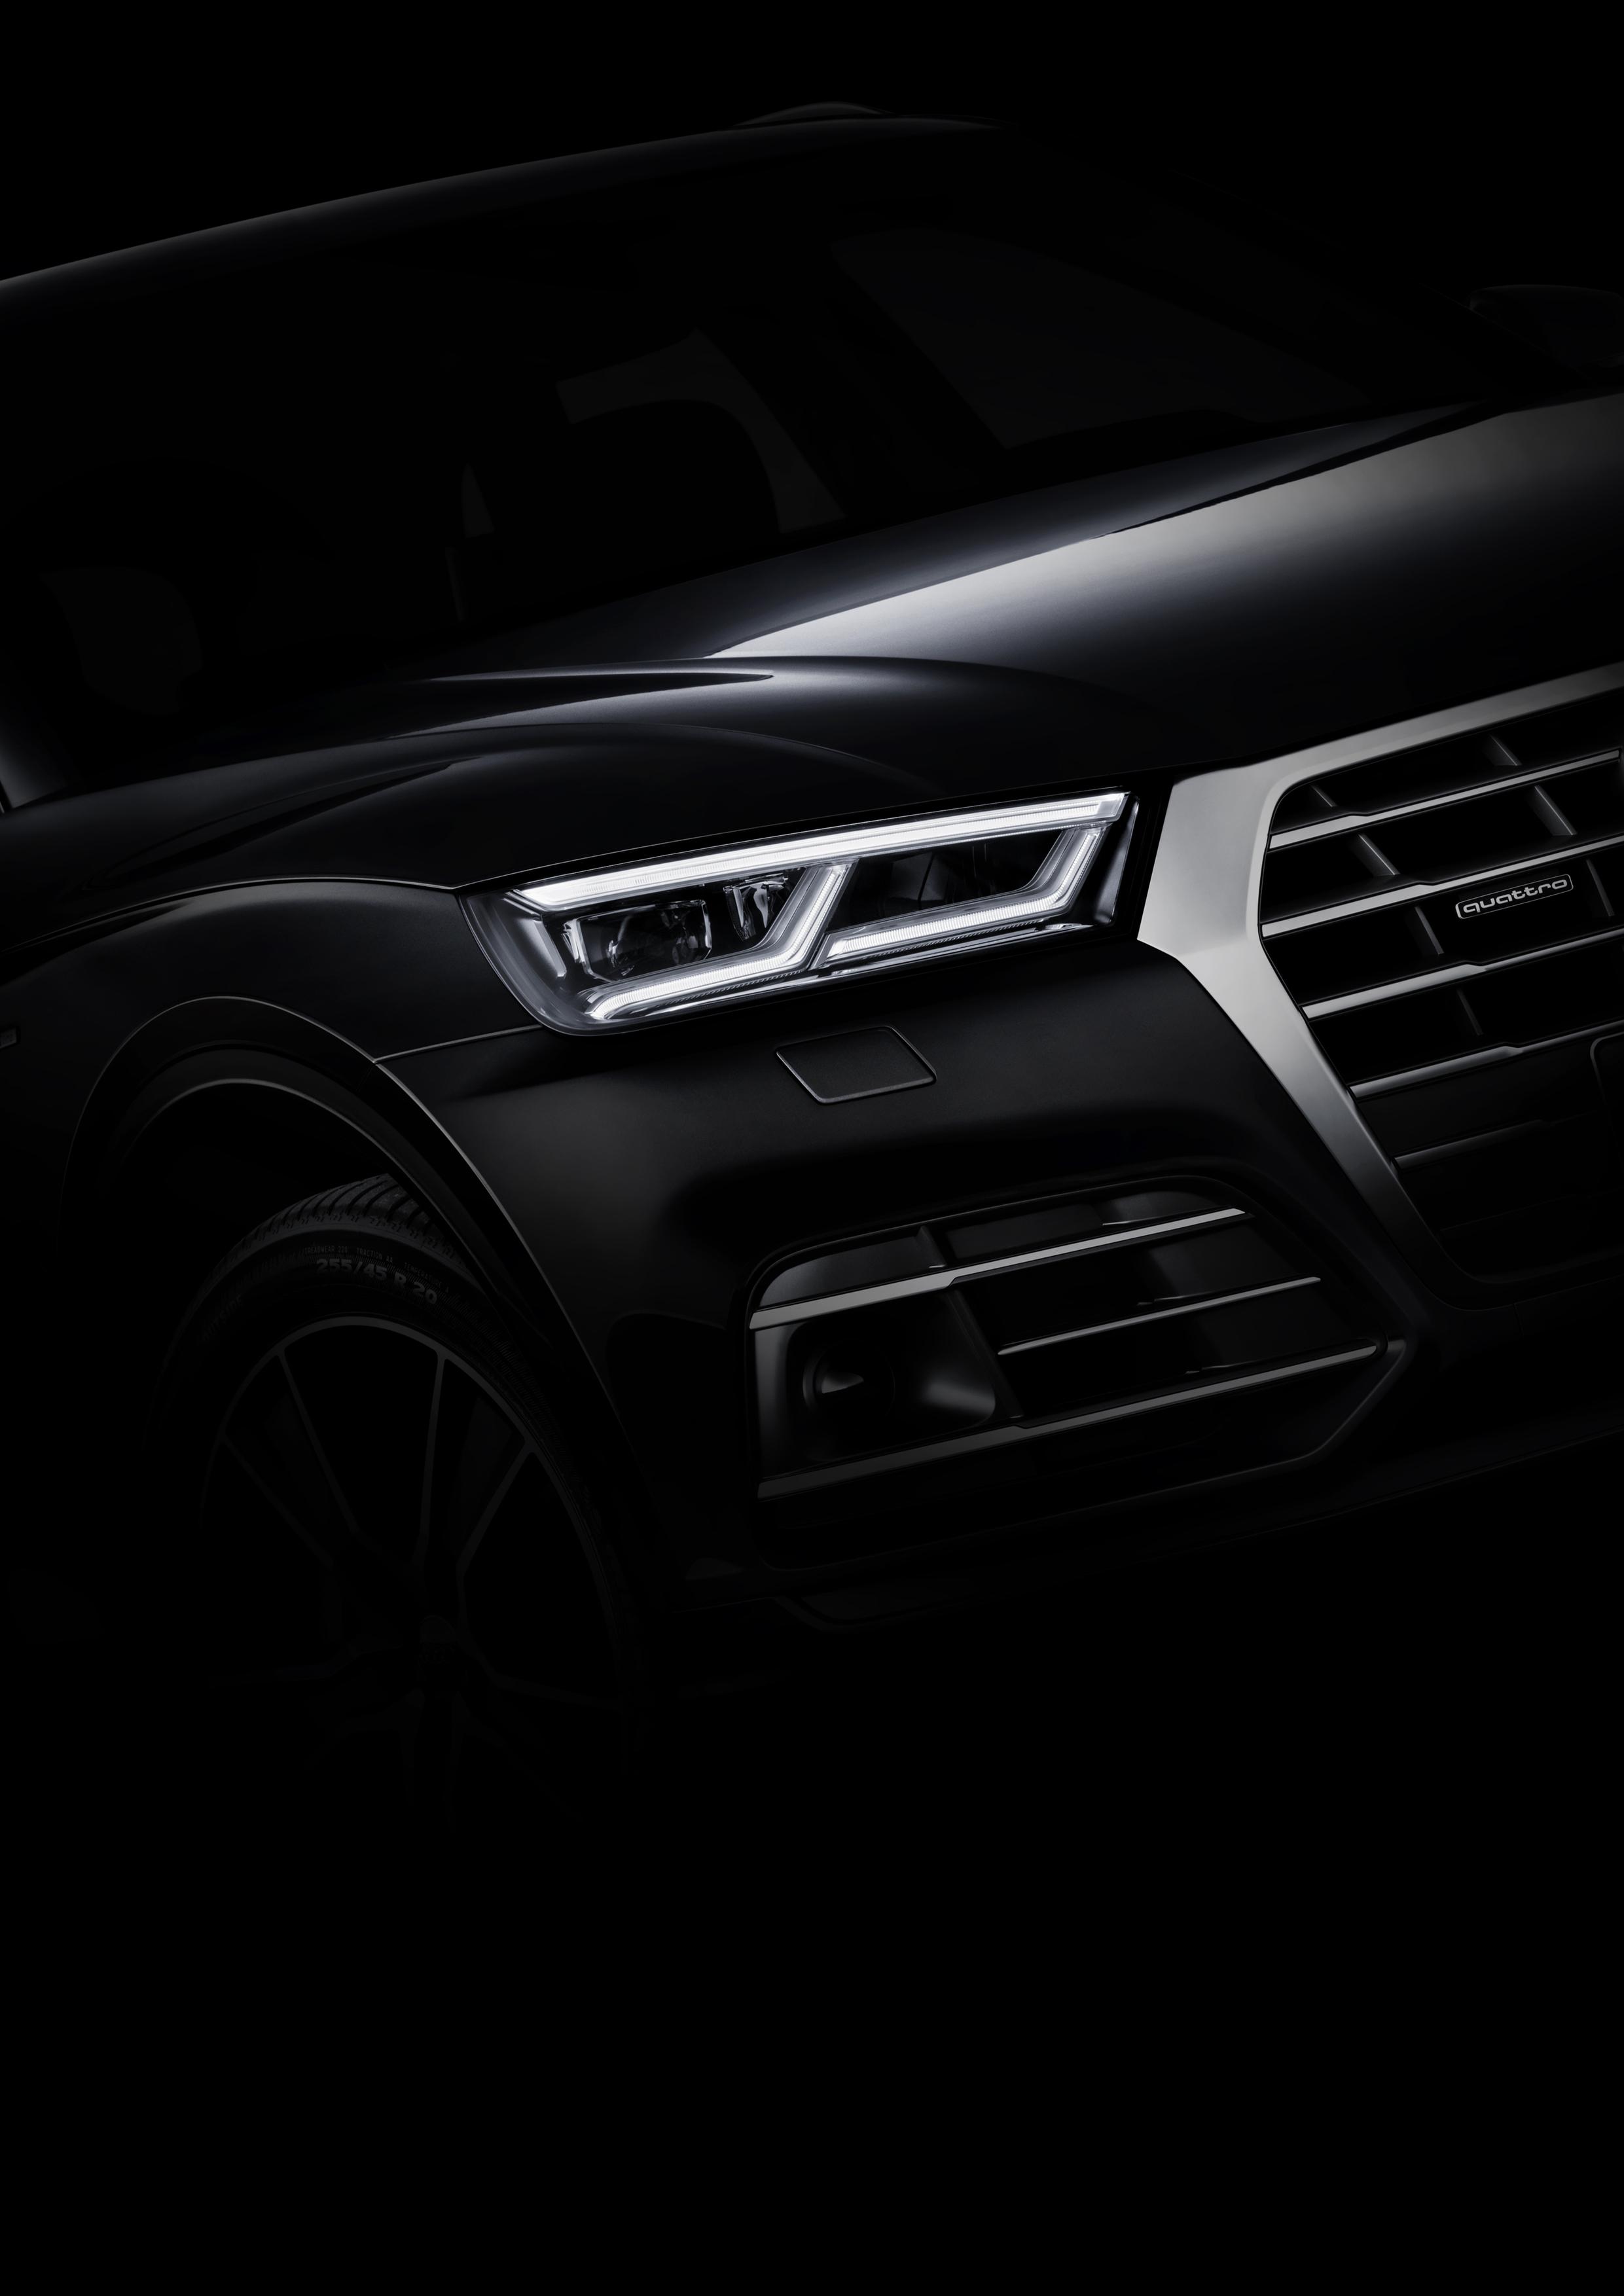 The new Audi Q5